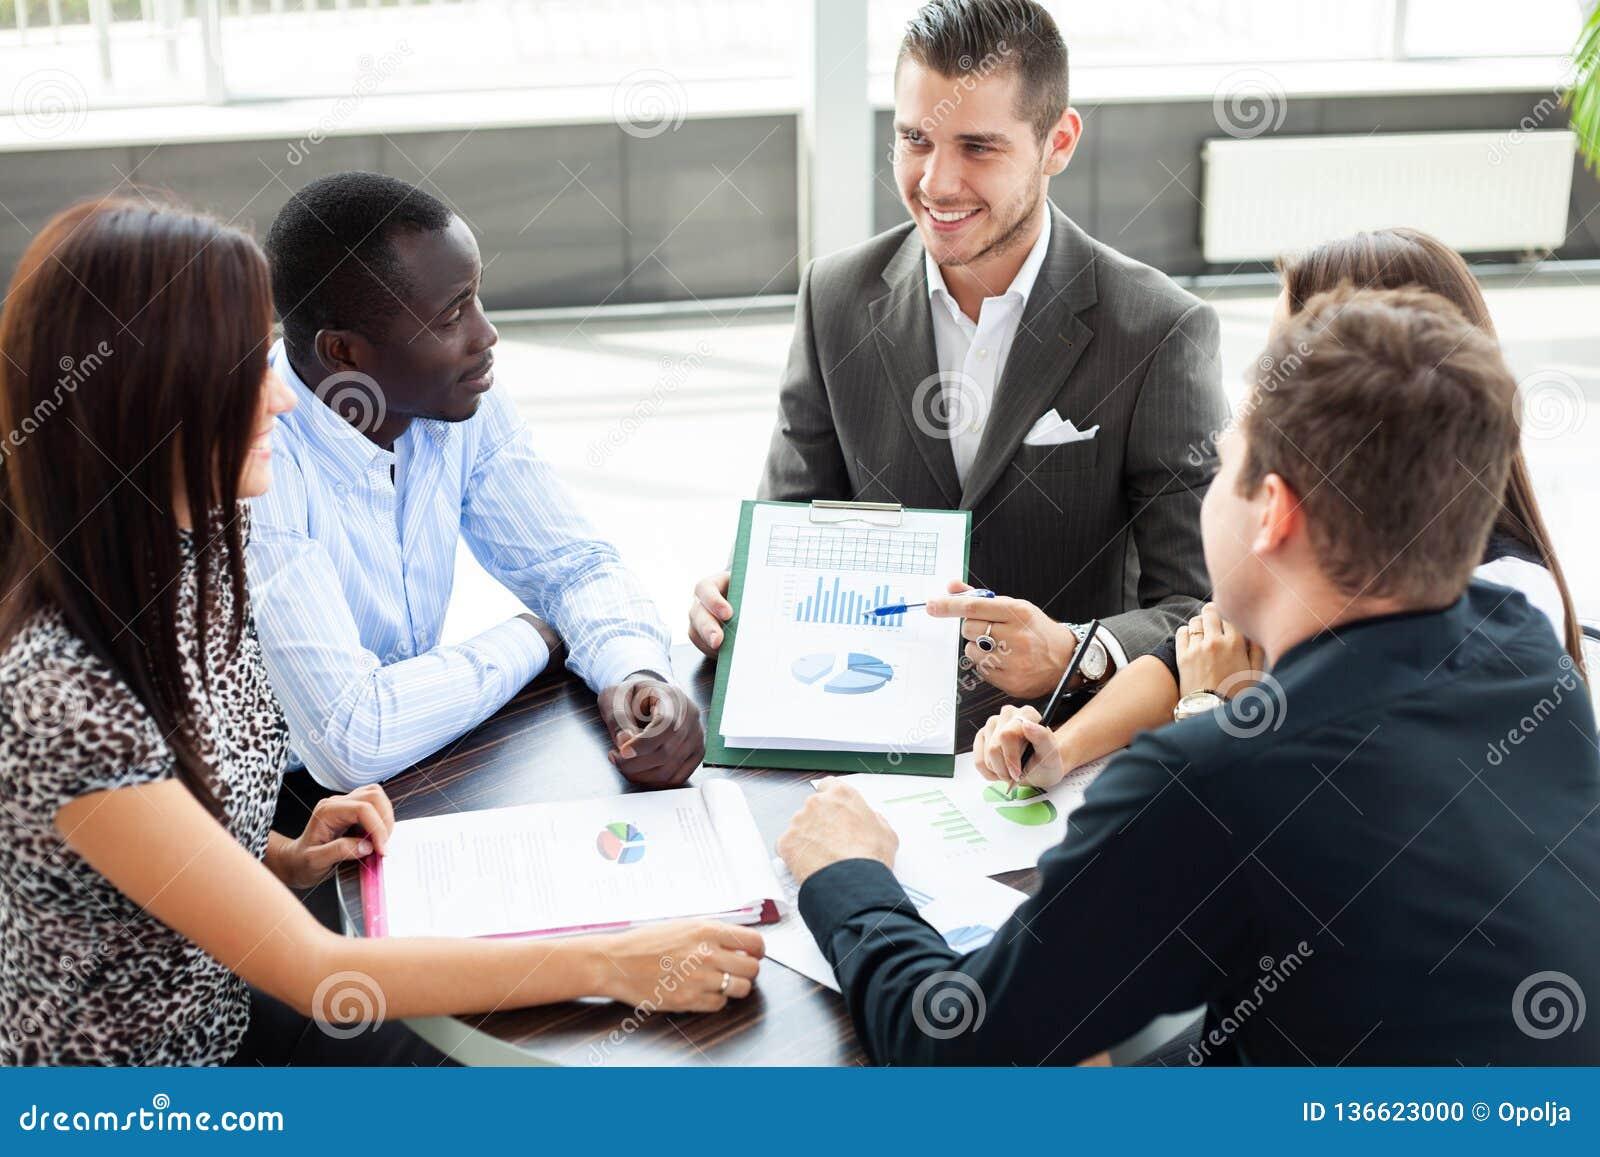 Imagen de los socios comerciales que discuten documentos e ideas en la reunión